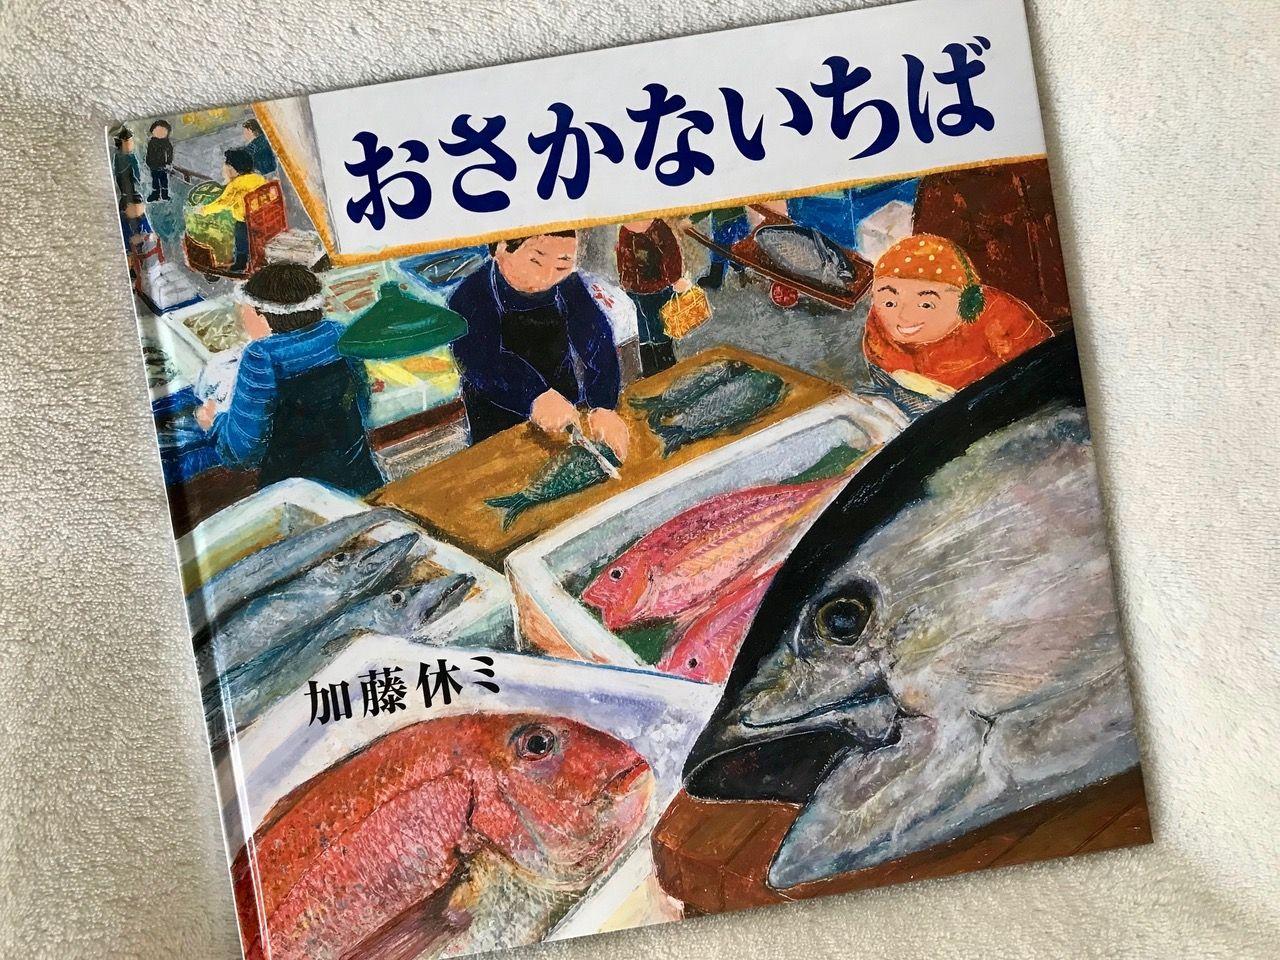 息子と母の3人で 初高知と初鰹とお寺のお友だち それと魚市場絵本